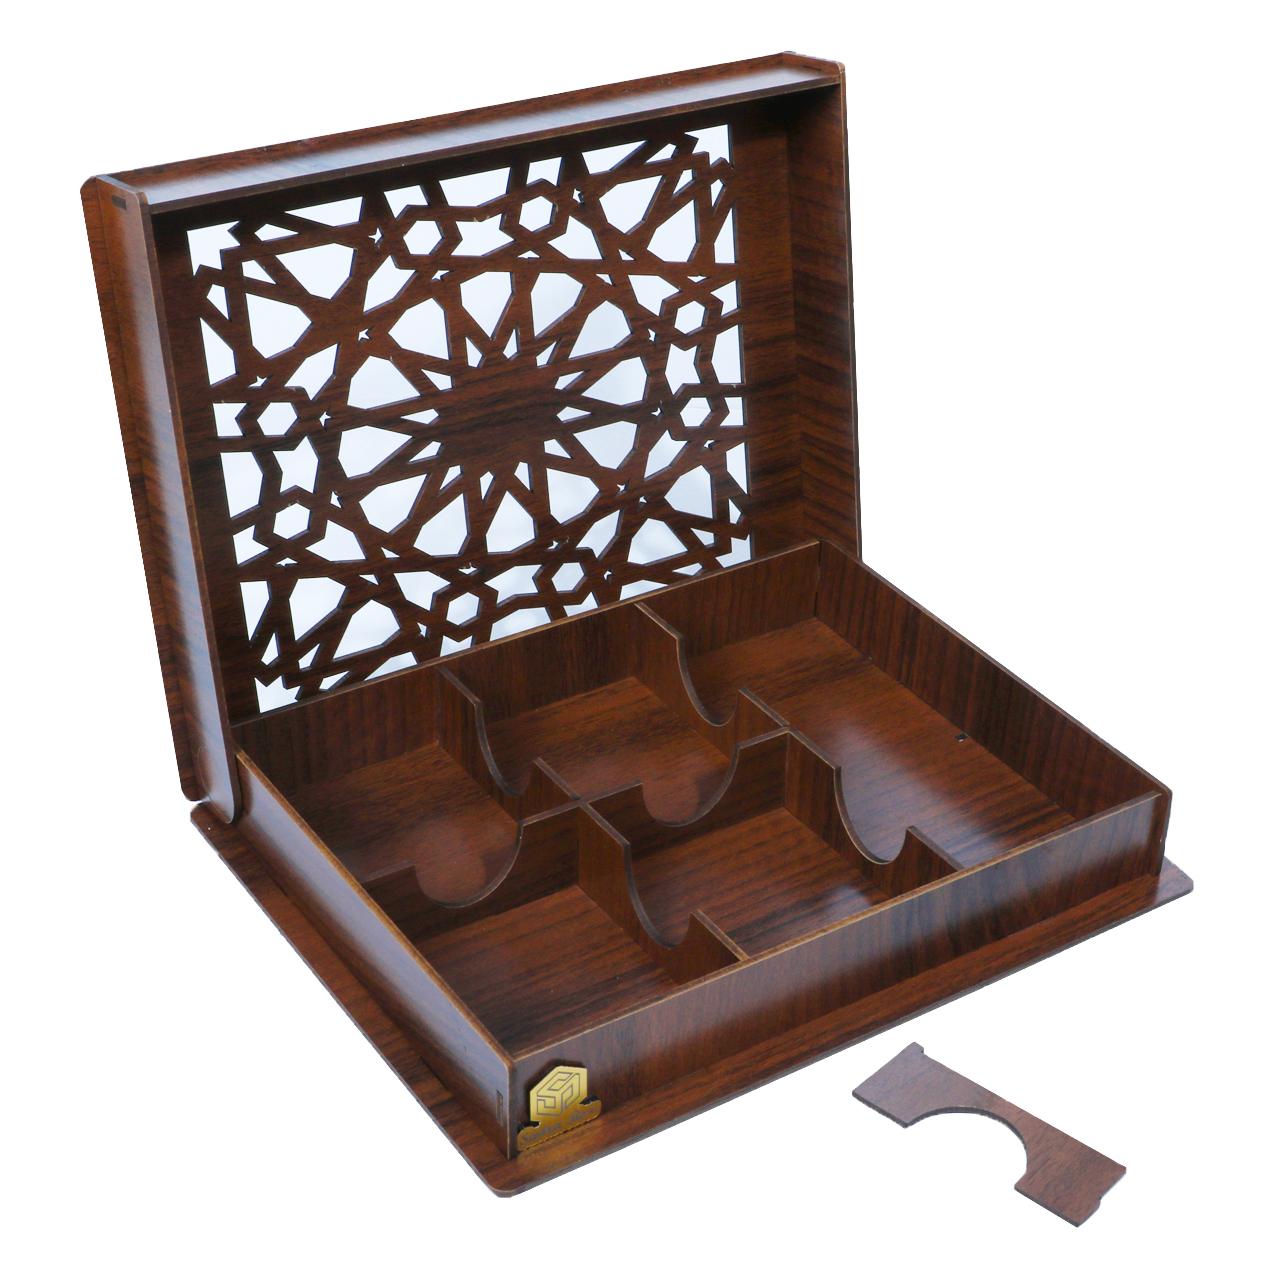 جعبه پذیرایی صدراباکس مدل سراج کد SBsj6